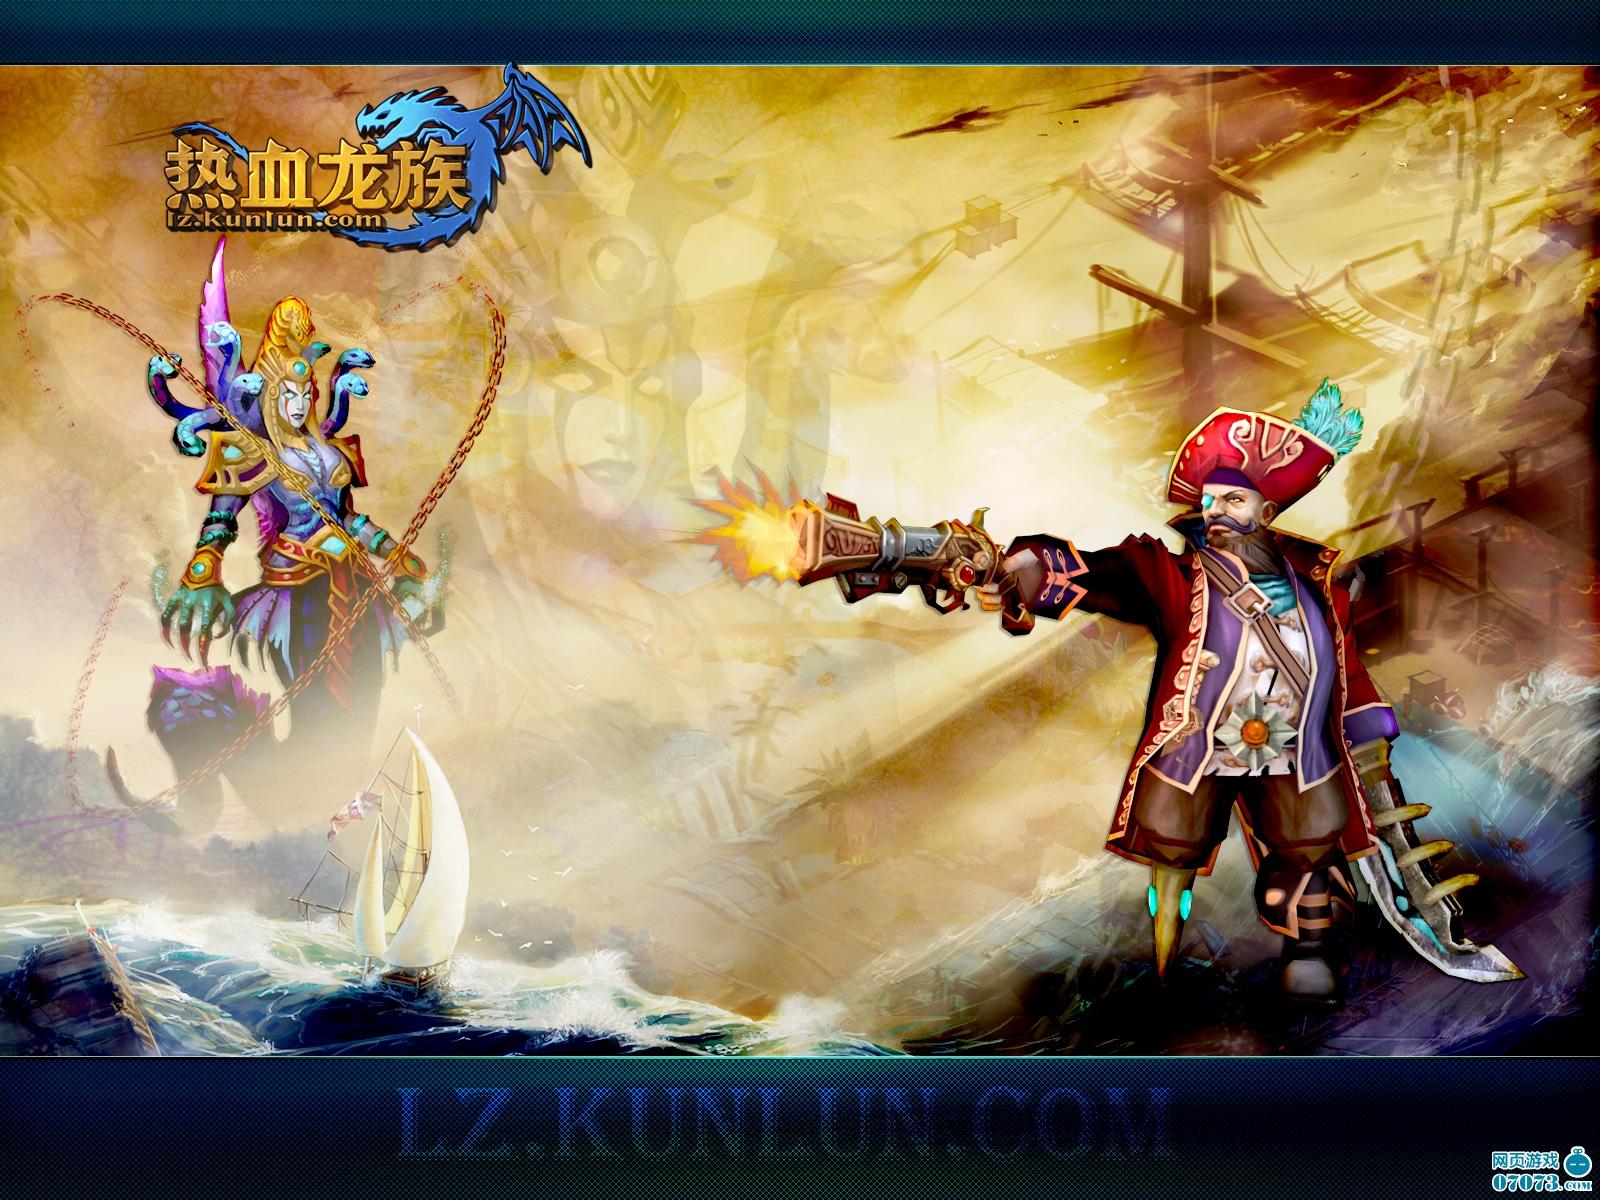 精美个人网页_热血龙族精美壁纸5_游戏截图 - 07073热血龙族网页游戏官网